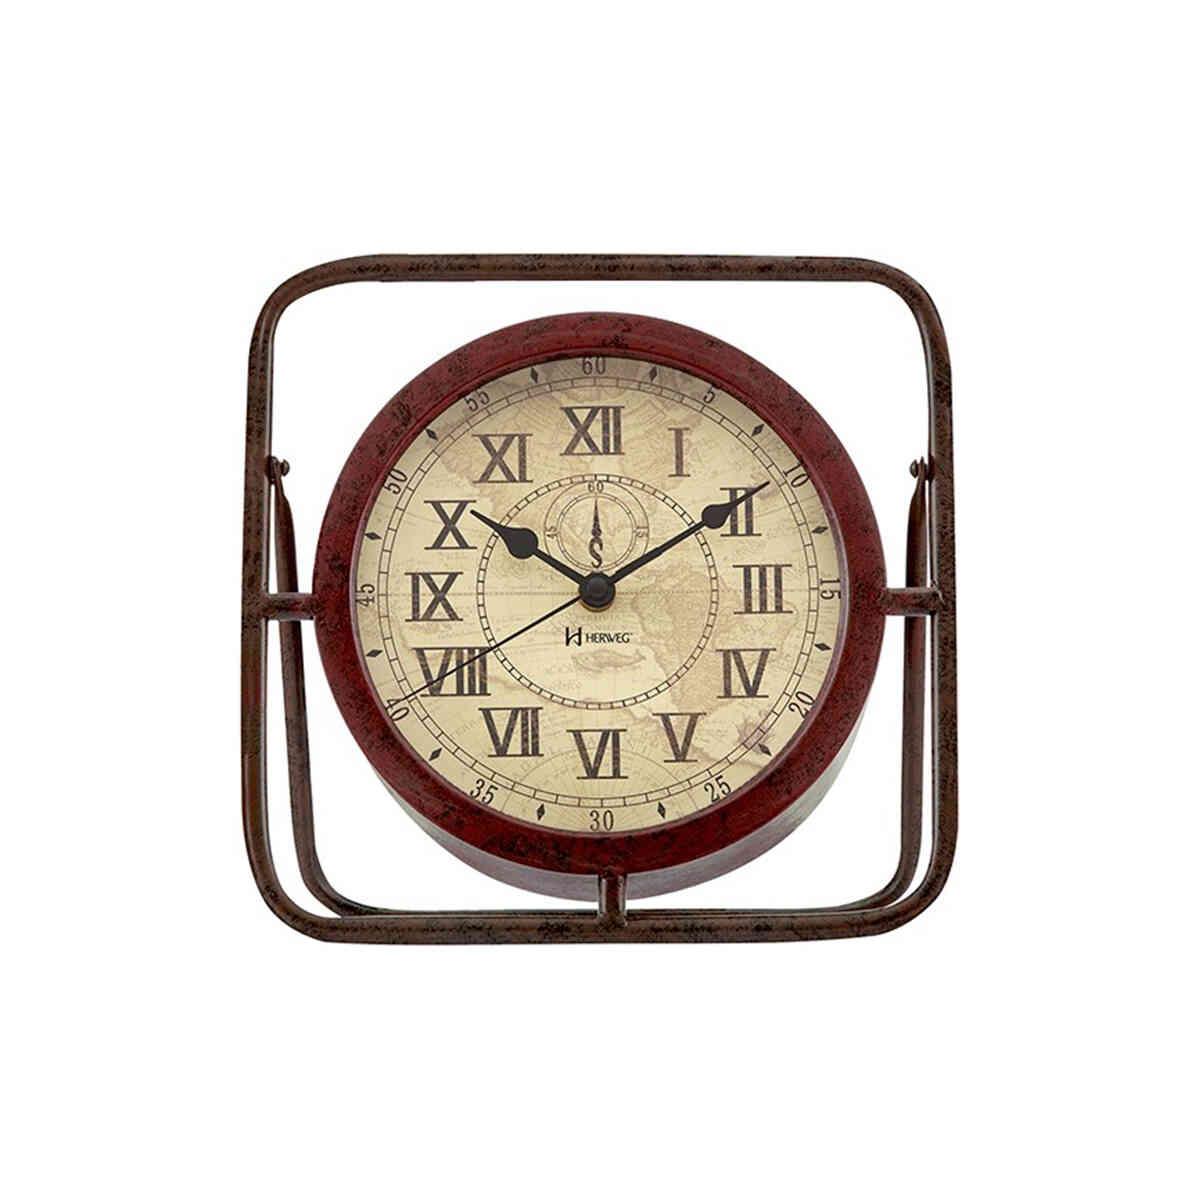 Relógio de Parede ou Mesa Herweg Vintage 6487 115